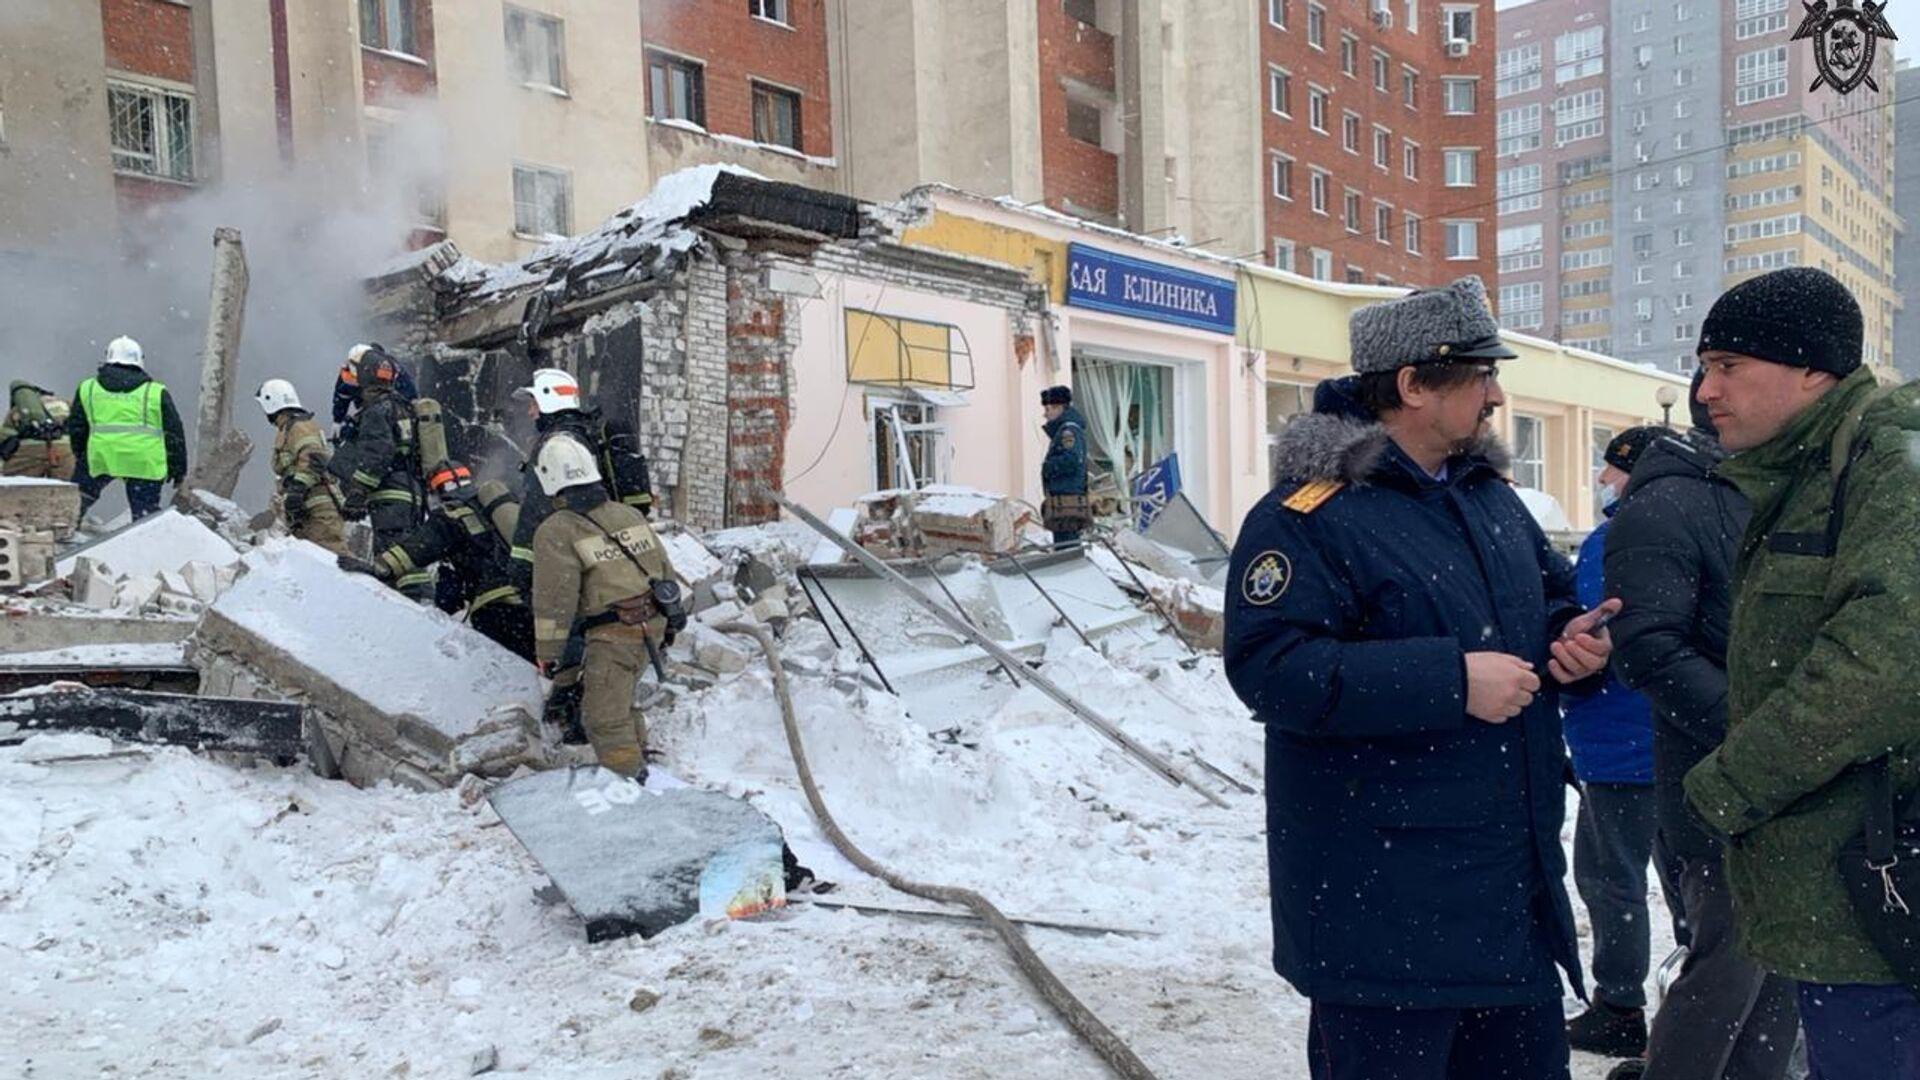 Место взрыва в жилом доме на Мещерском бульваре в Нижнем Новгороде - РИА Новости, 1920, 26.02.2021